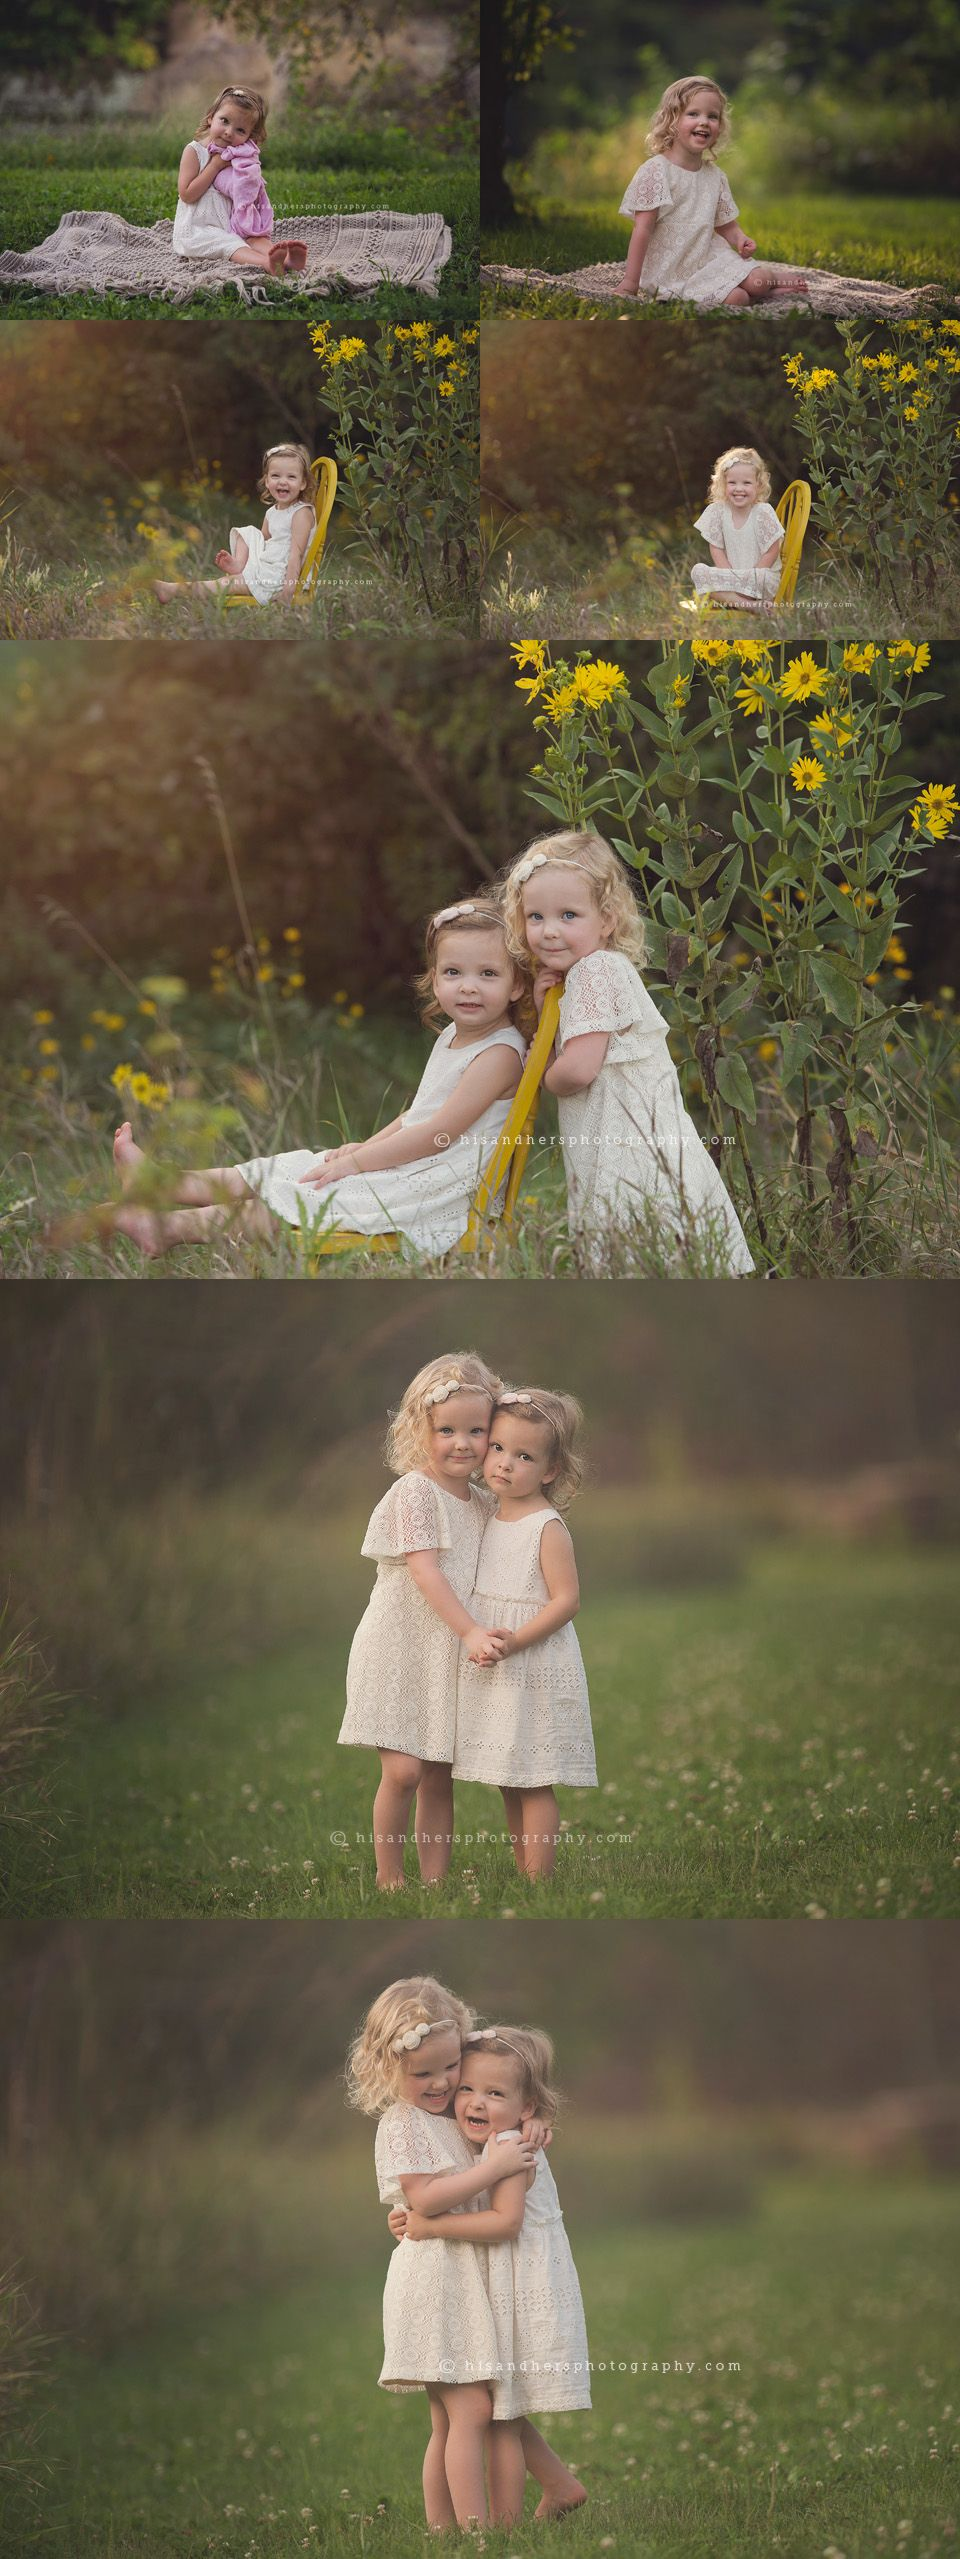 Child | Charlotte & Caroline, 3 and 2 years